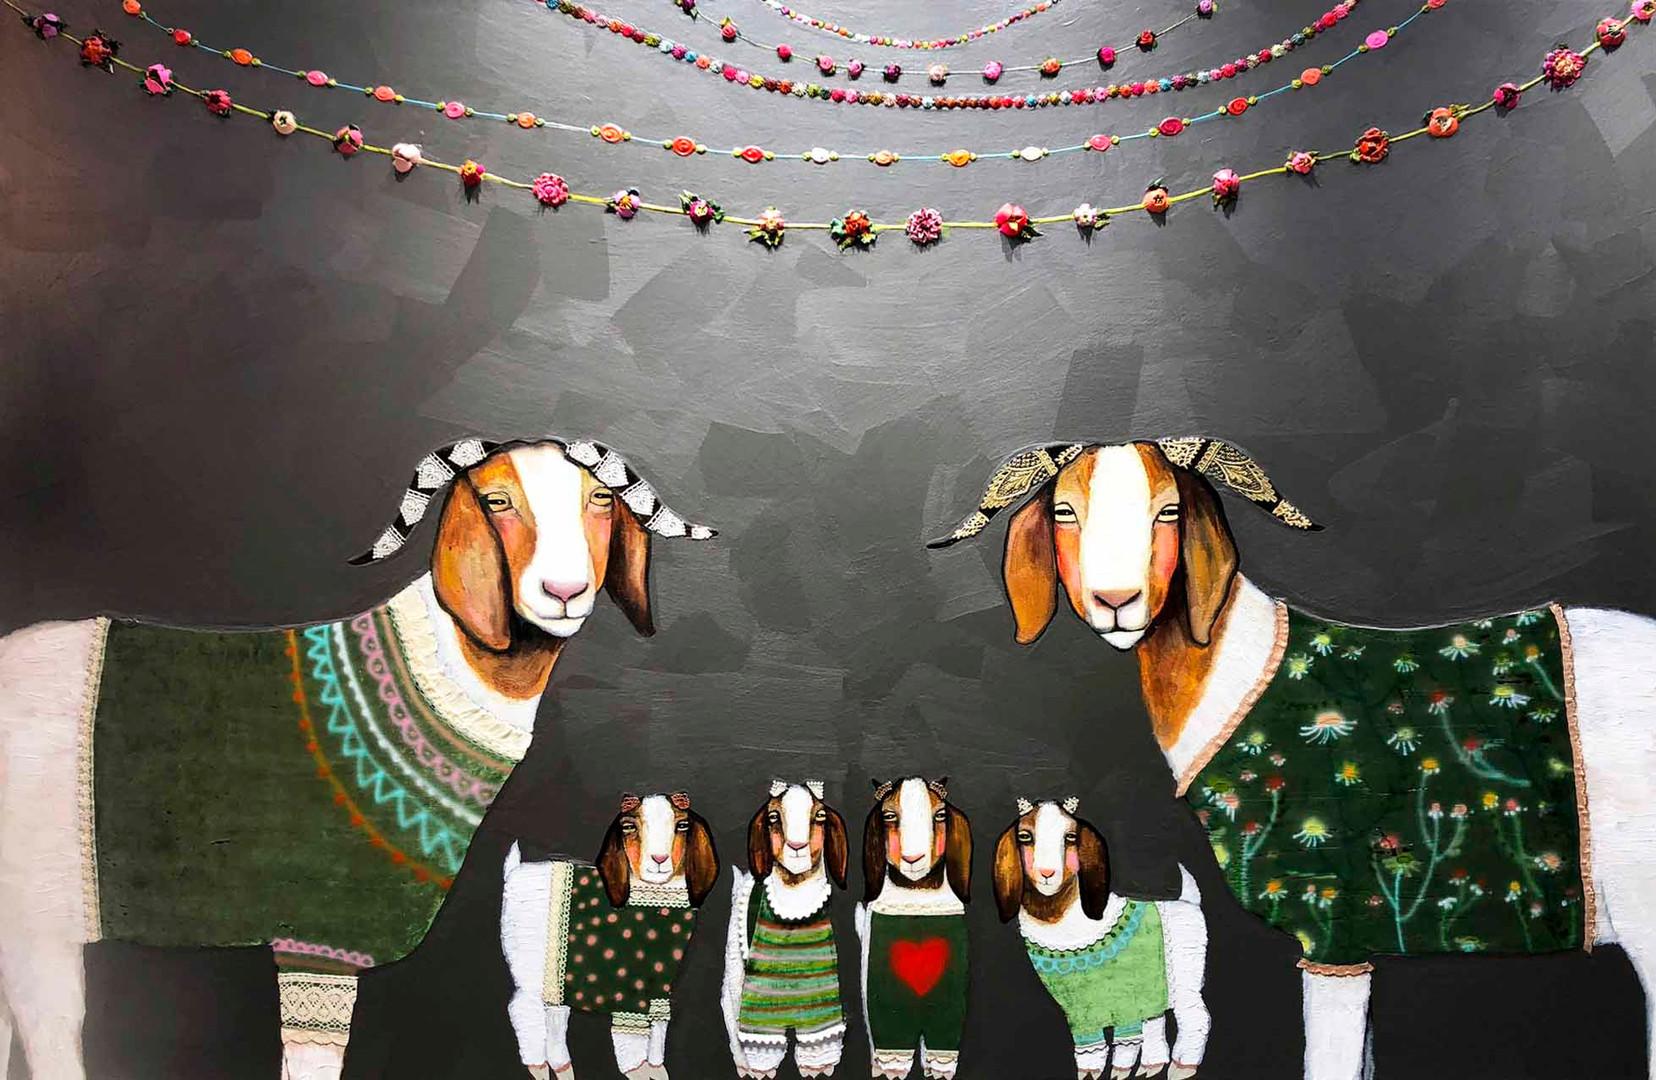 Boer Goats in Sweaters by Eli Halpin